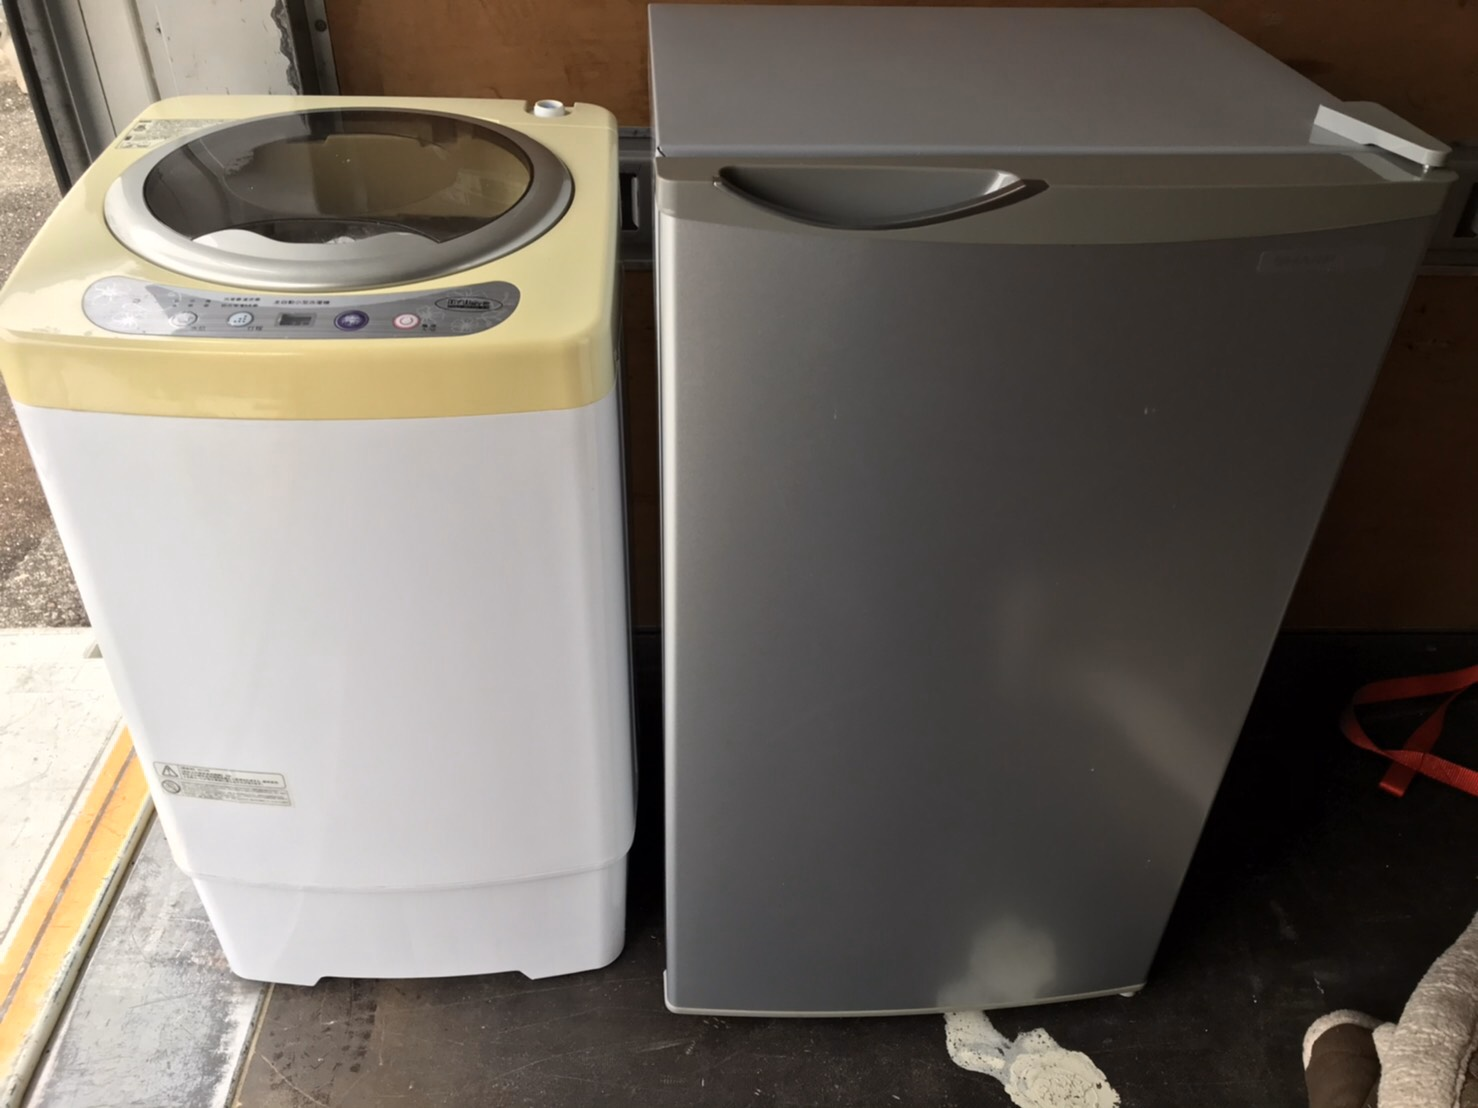 3/31★出張買取にて《冷蔵庫|洗濯機|家具|他家電》買取しました!★ #出張買取 #マンガ倉庫 #武雄店 #白物 #家電#買取 #家具 #重い